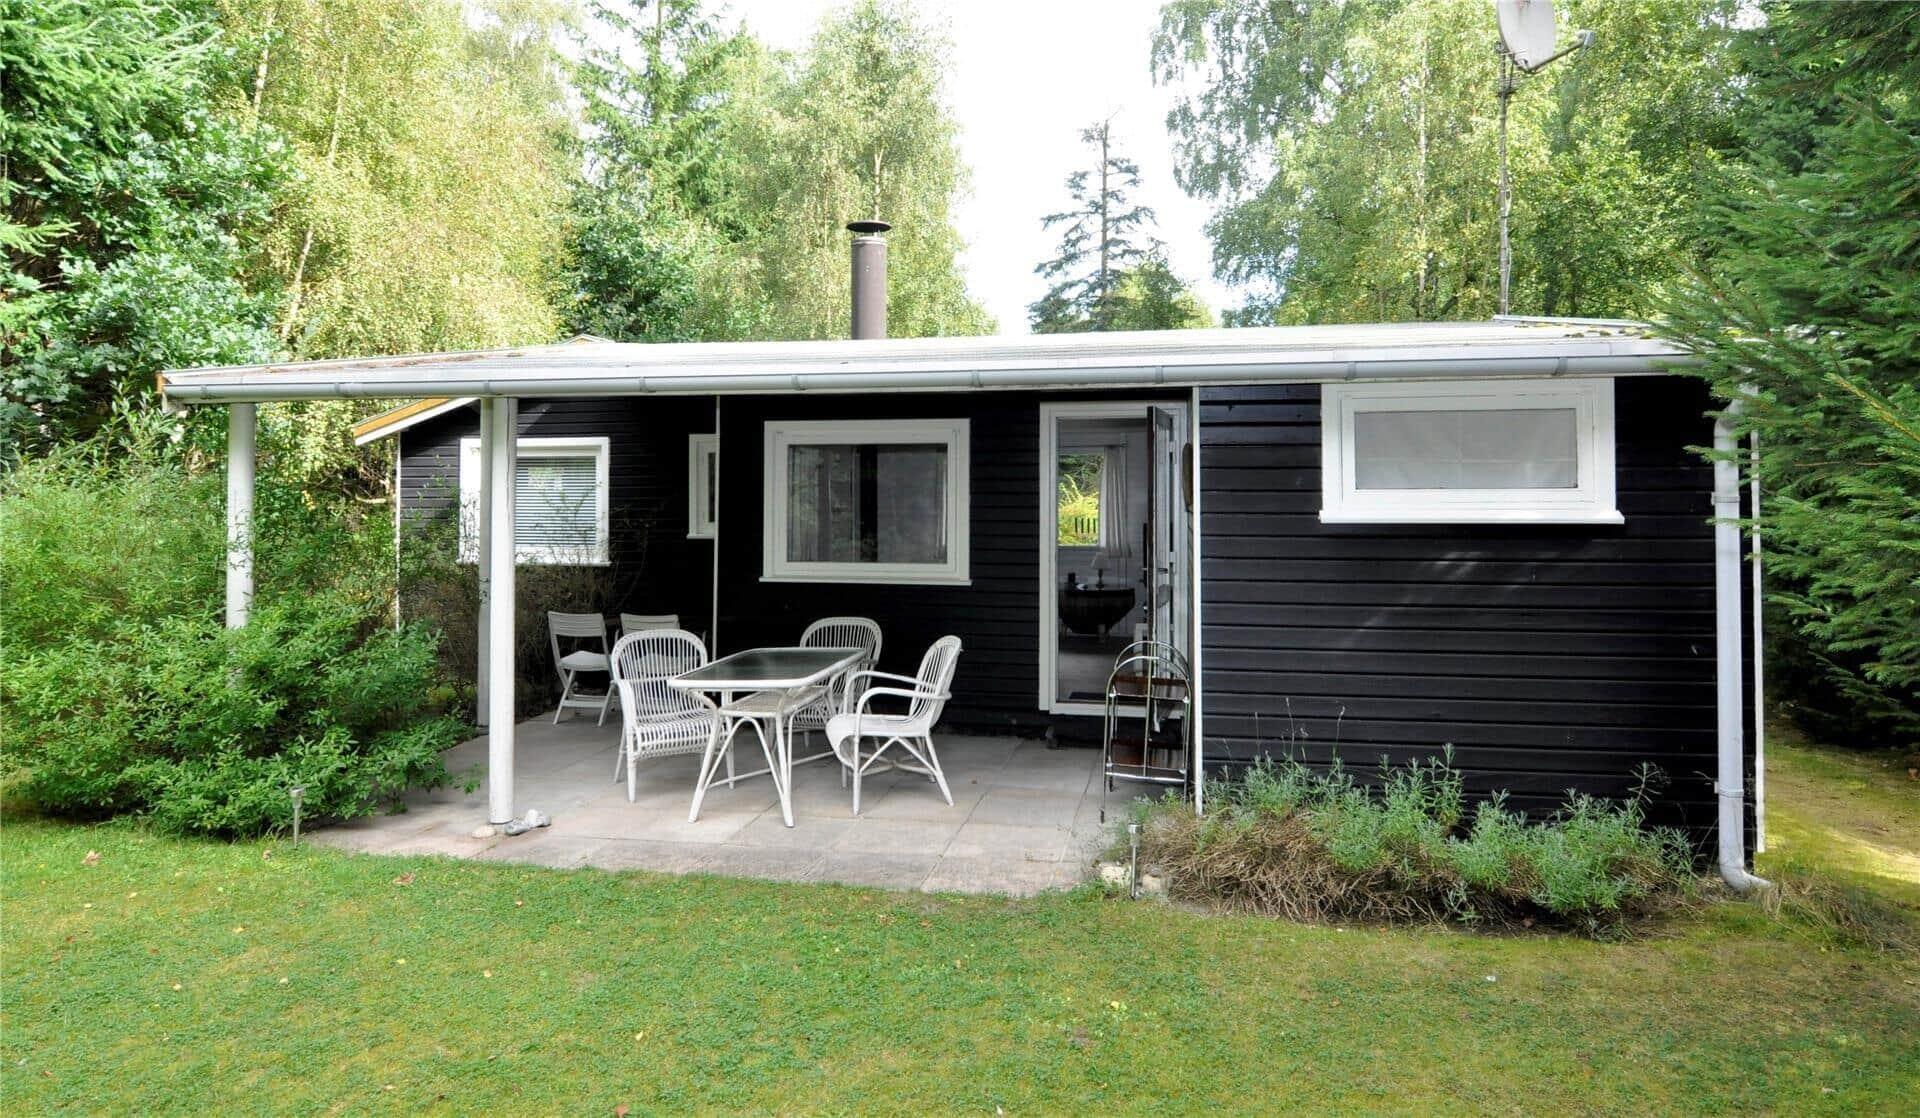 Billede 1-17 Sommerhus 10013, Hybenvej 24, DK - 4500 Nykøbing Sj